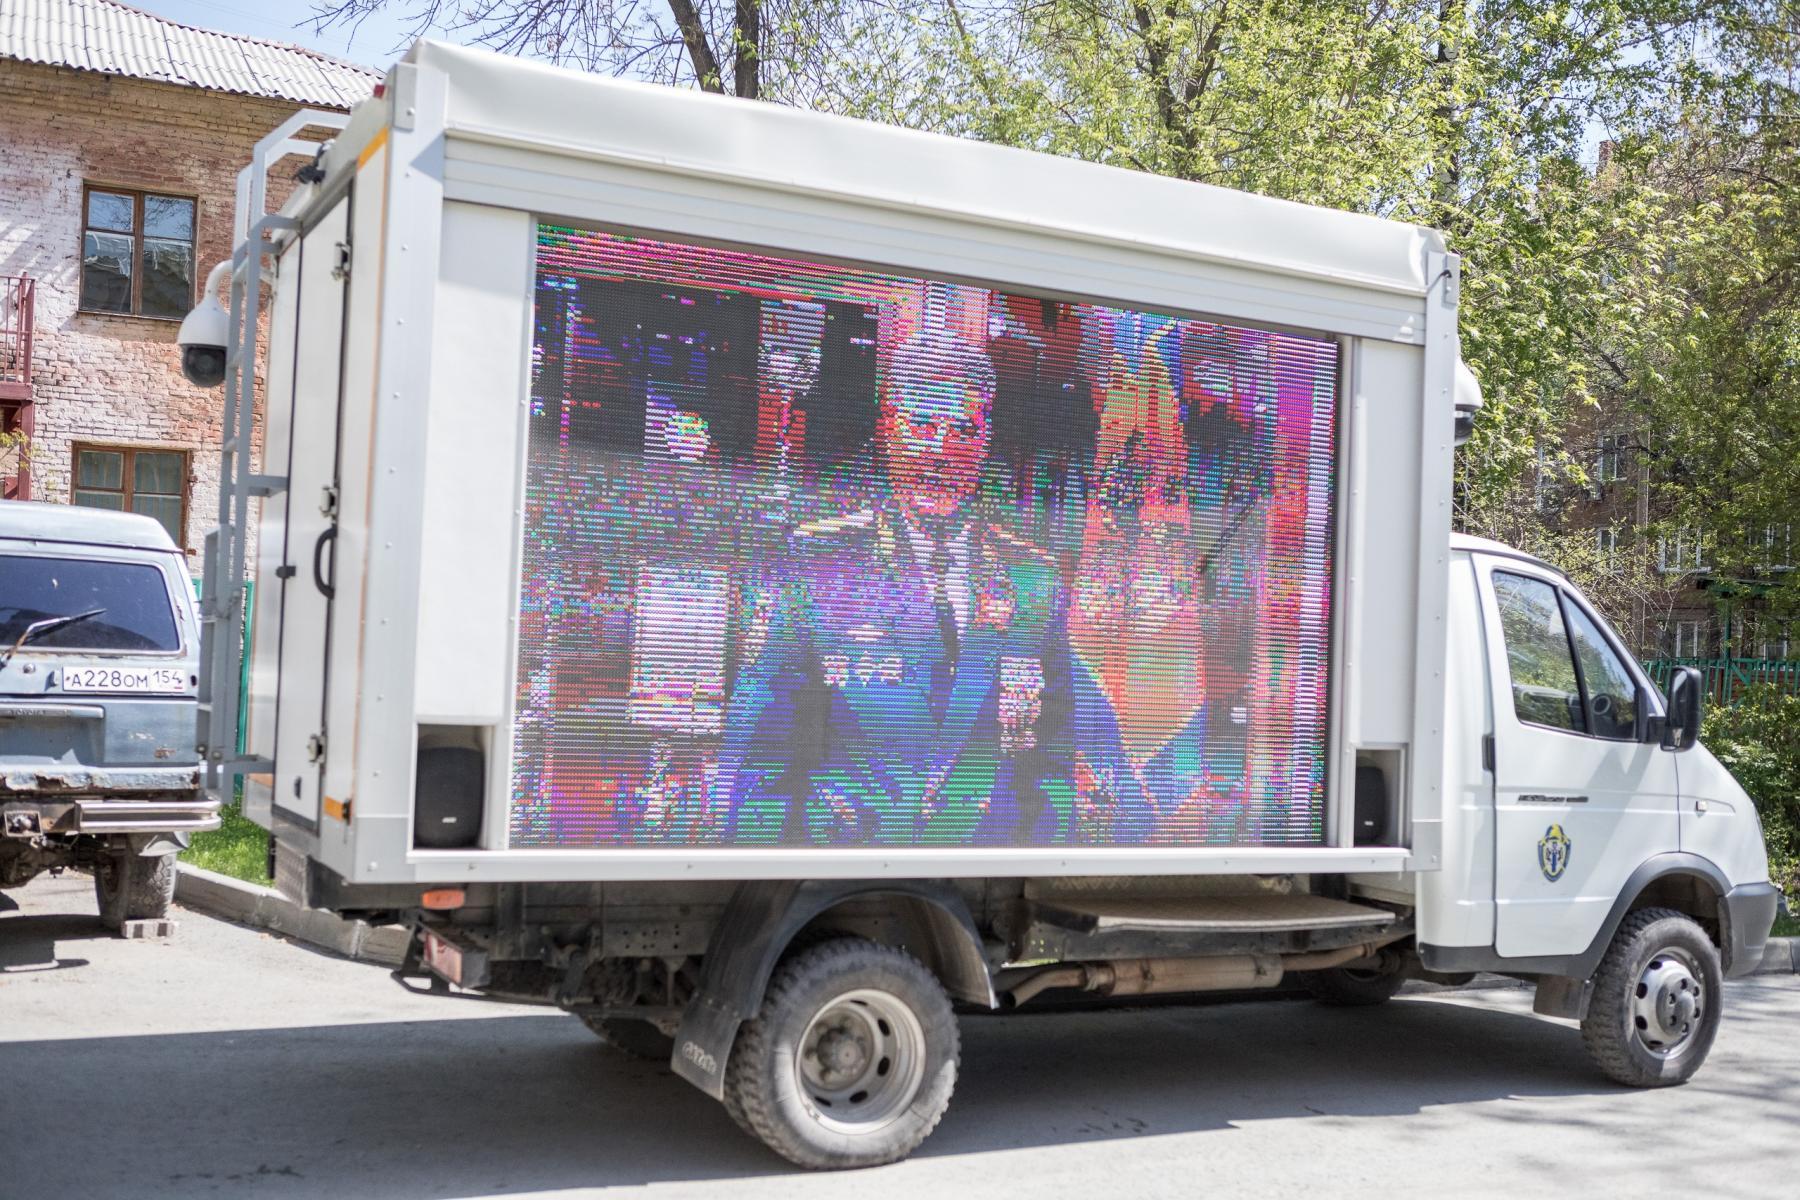 Фото Сотрудники МЧС поздравили с 75-летием Победы фронтовиков и тружеников тыла в Новосибирске 2